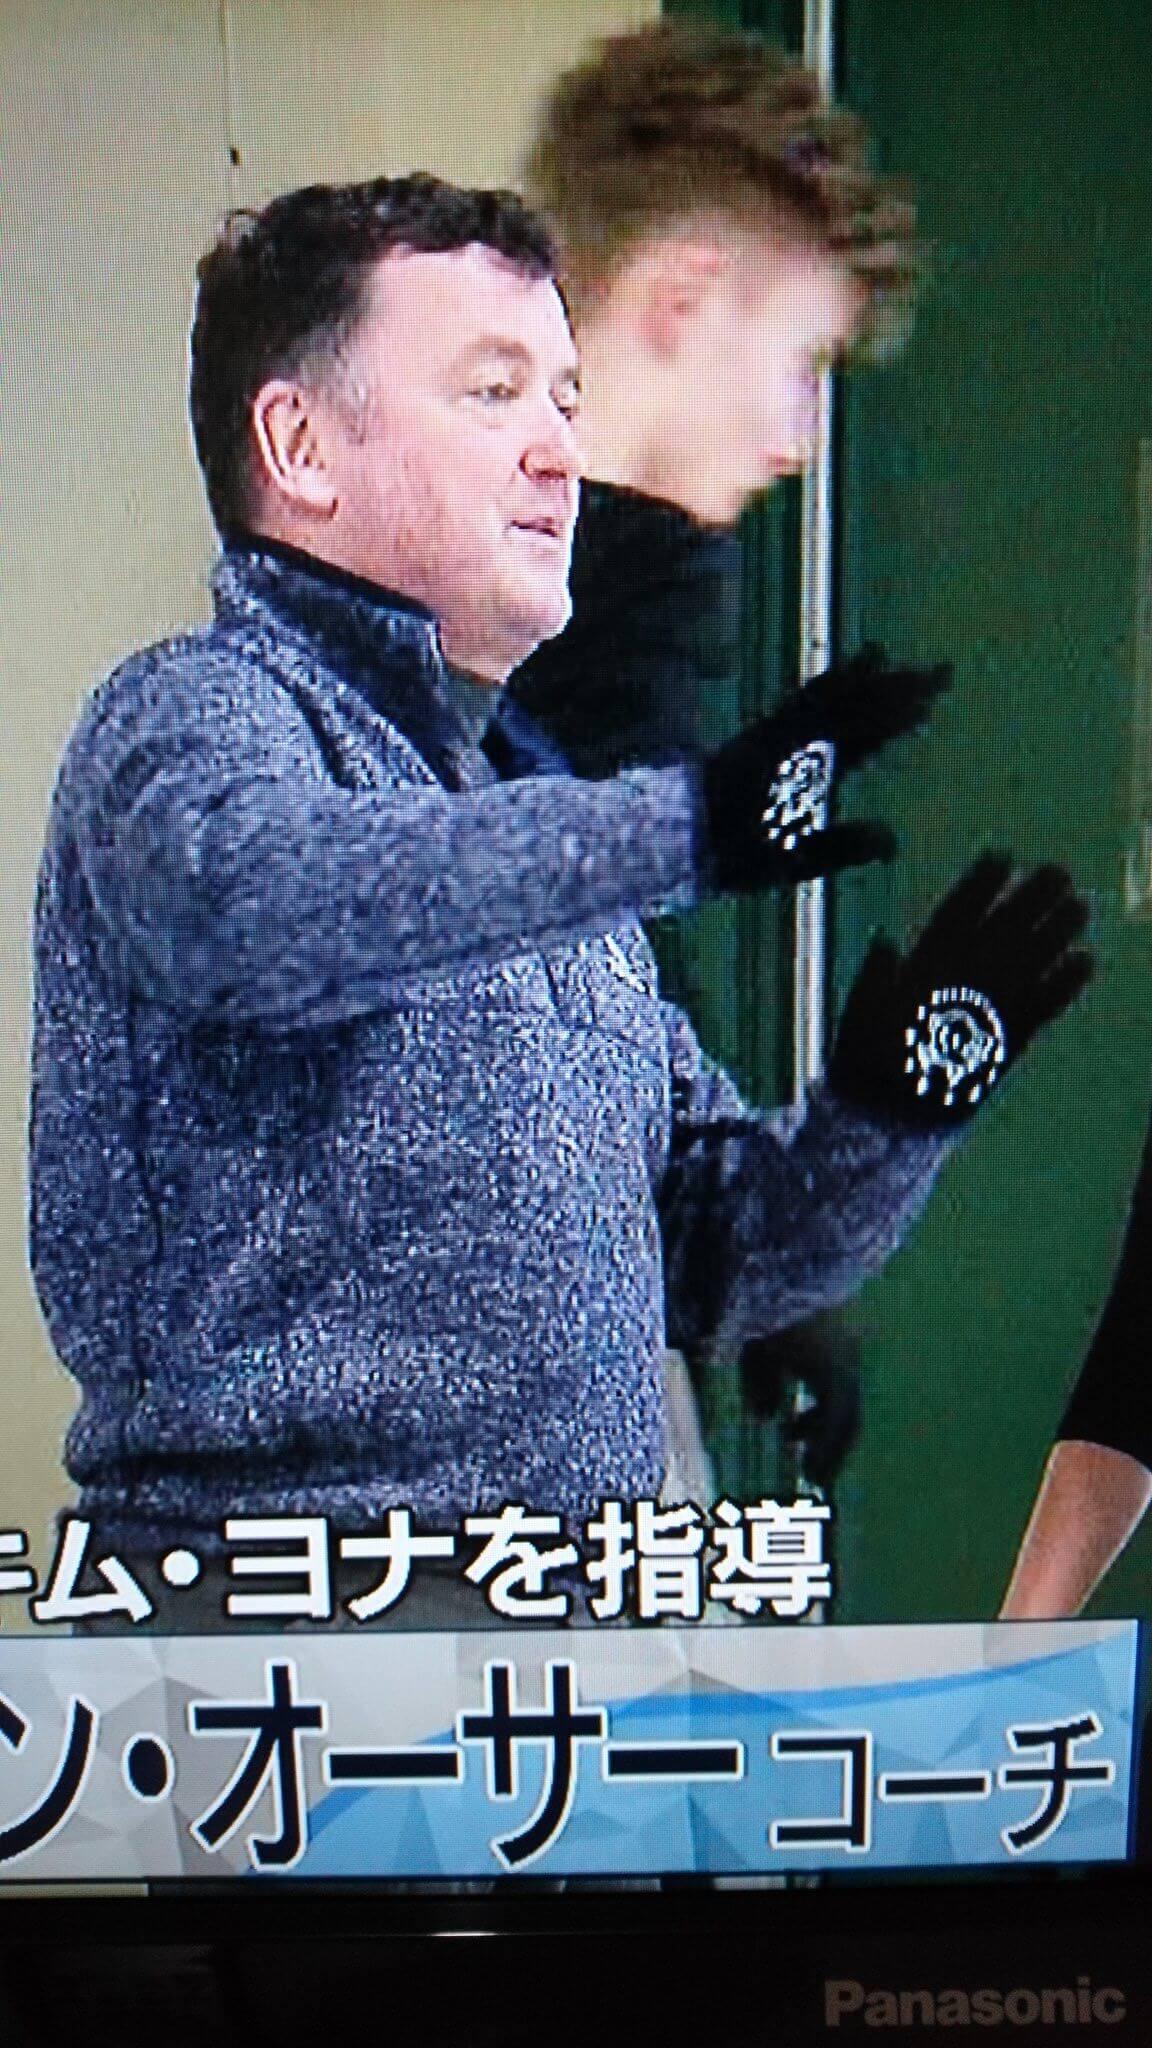 手袋といえば、オーサーのアイリンマーク手袋してたのに萌えたよねw